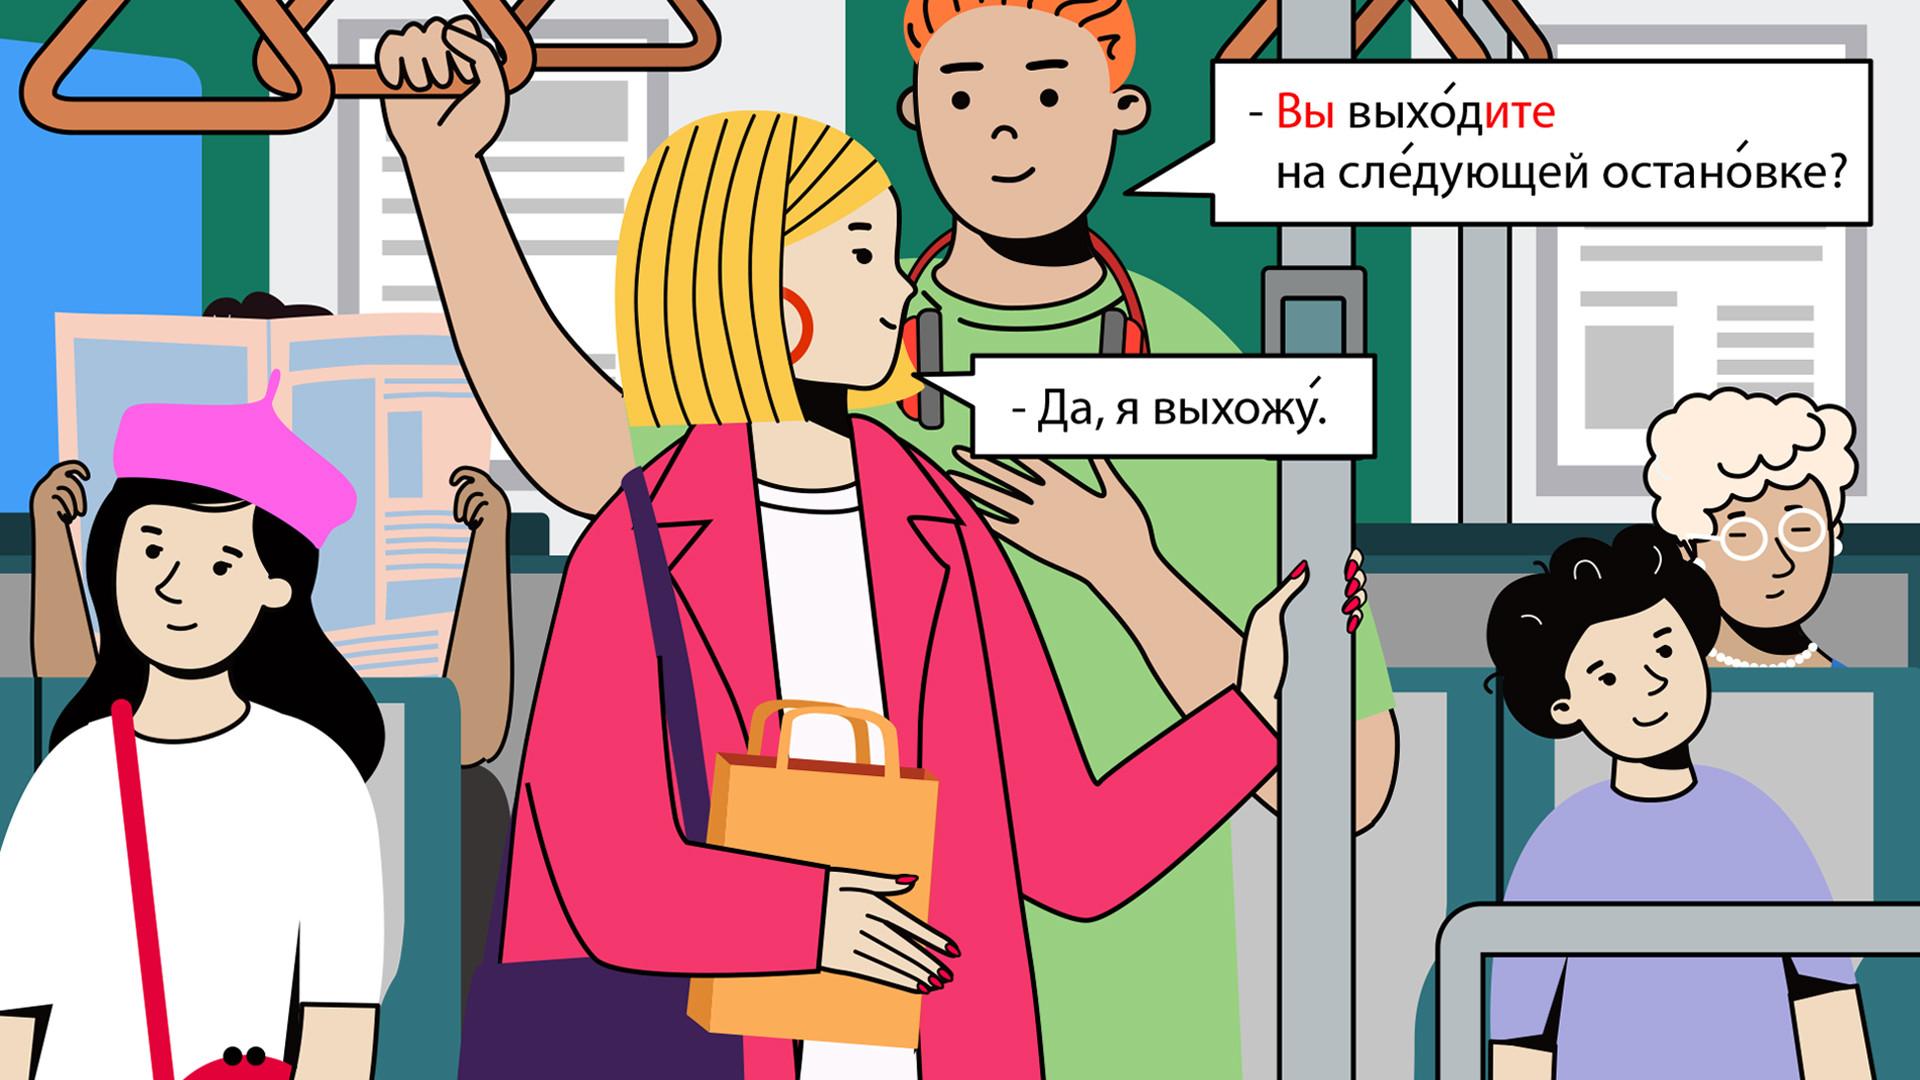 - あなたは次の停留所でお降りになりますか? - はい、降ります。